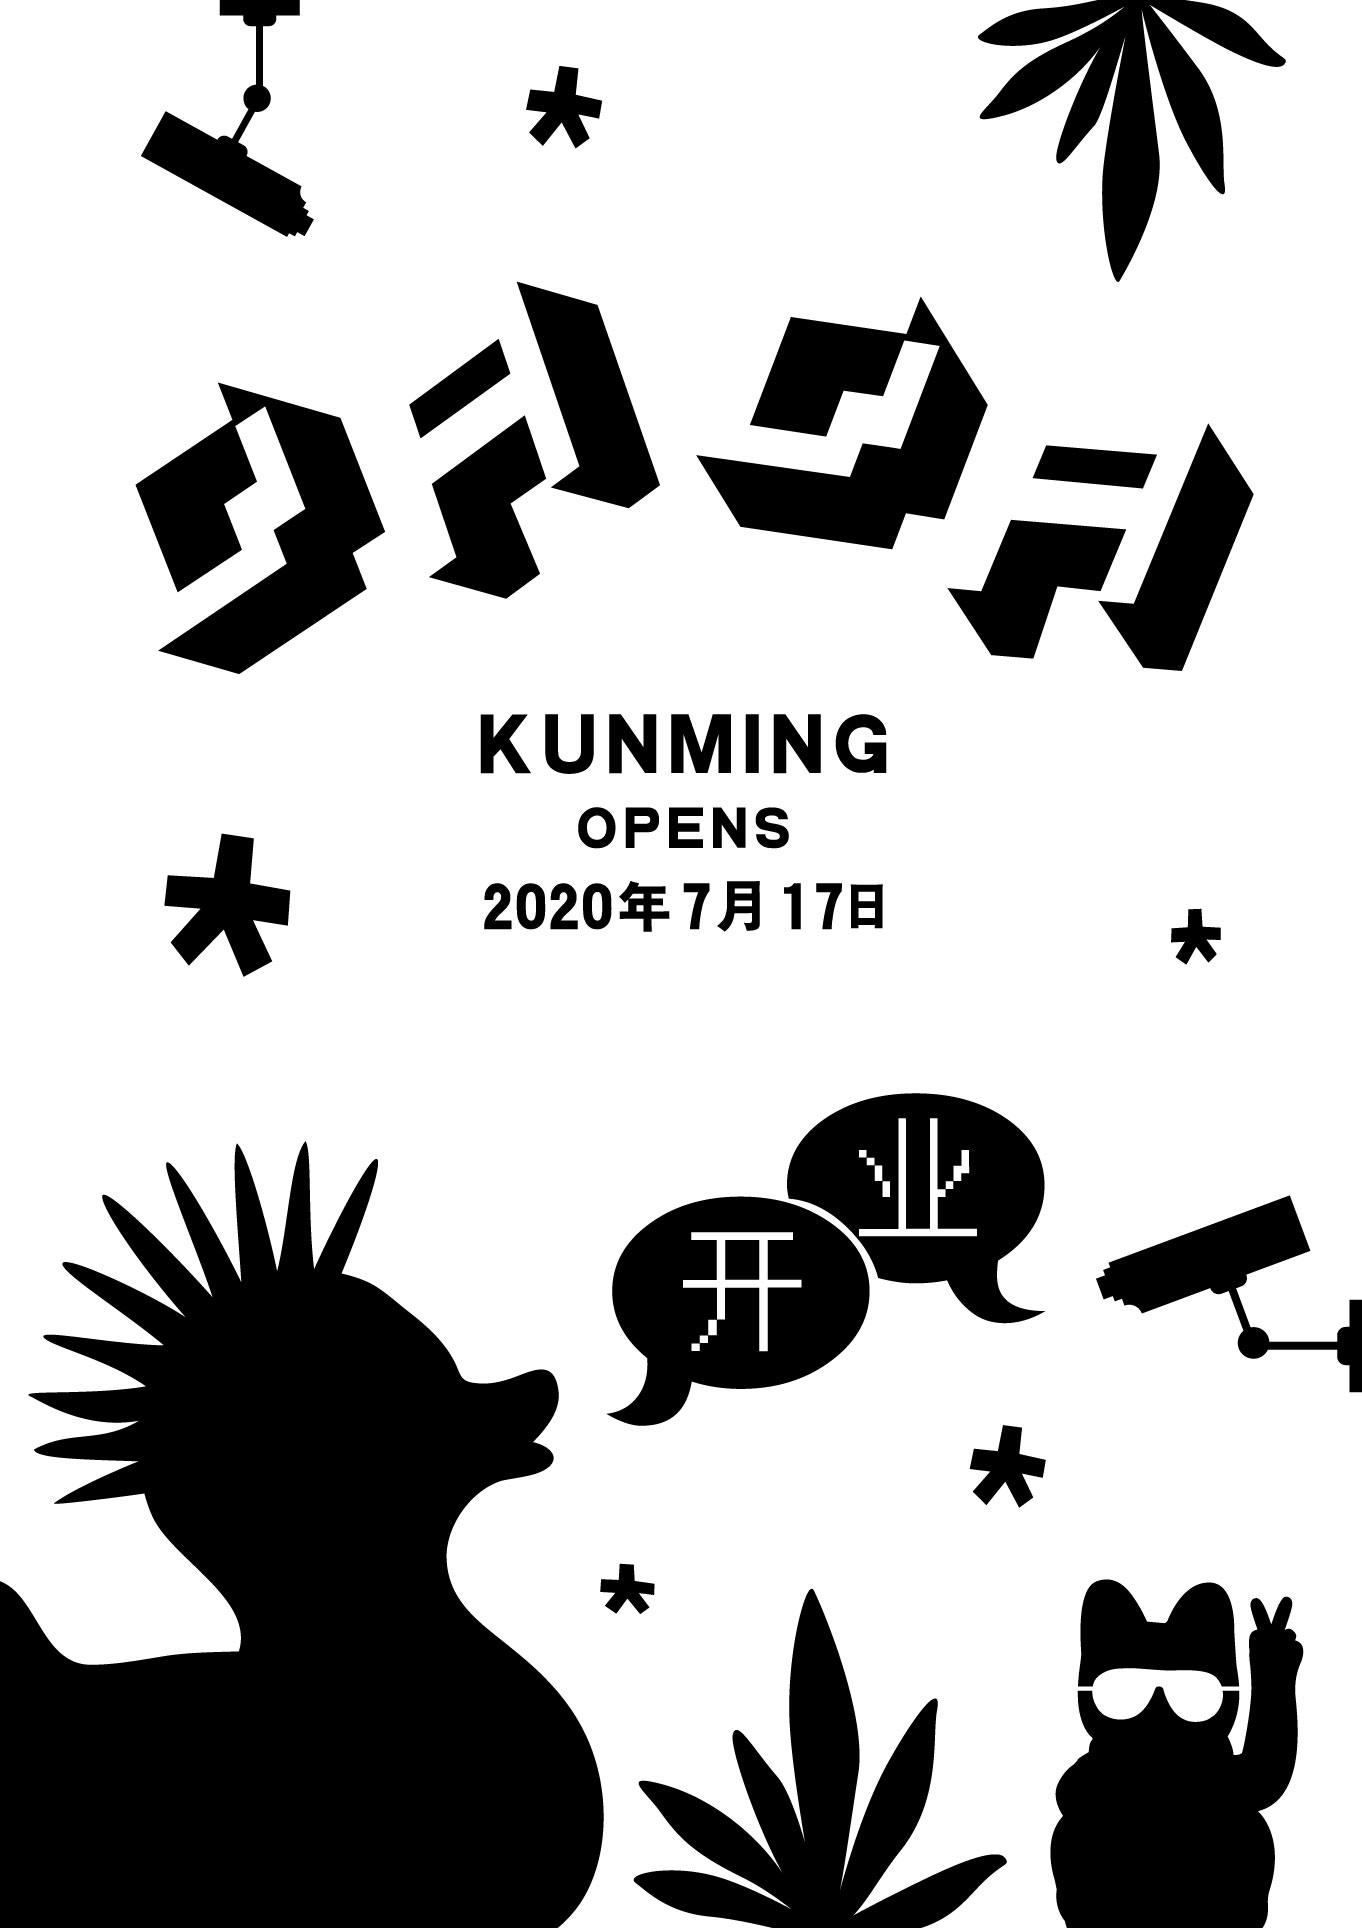 wbd-2020-kunming